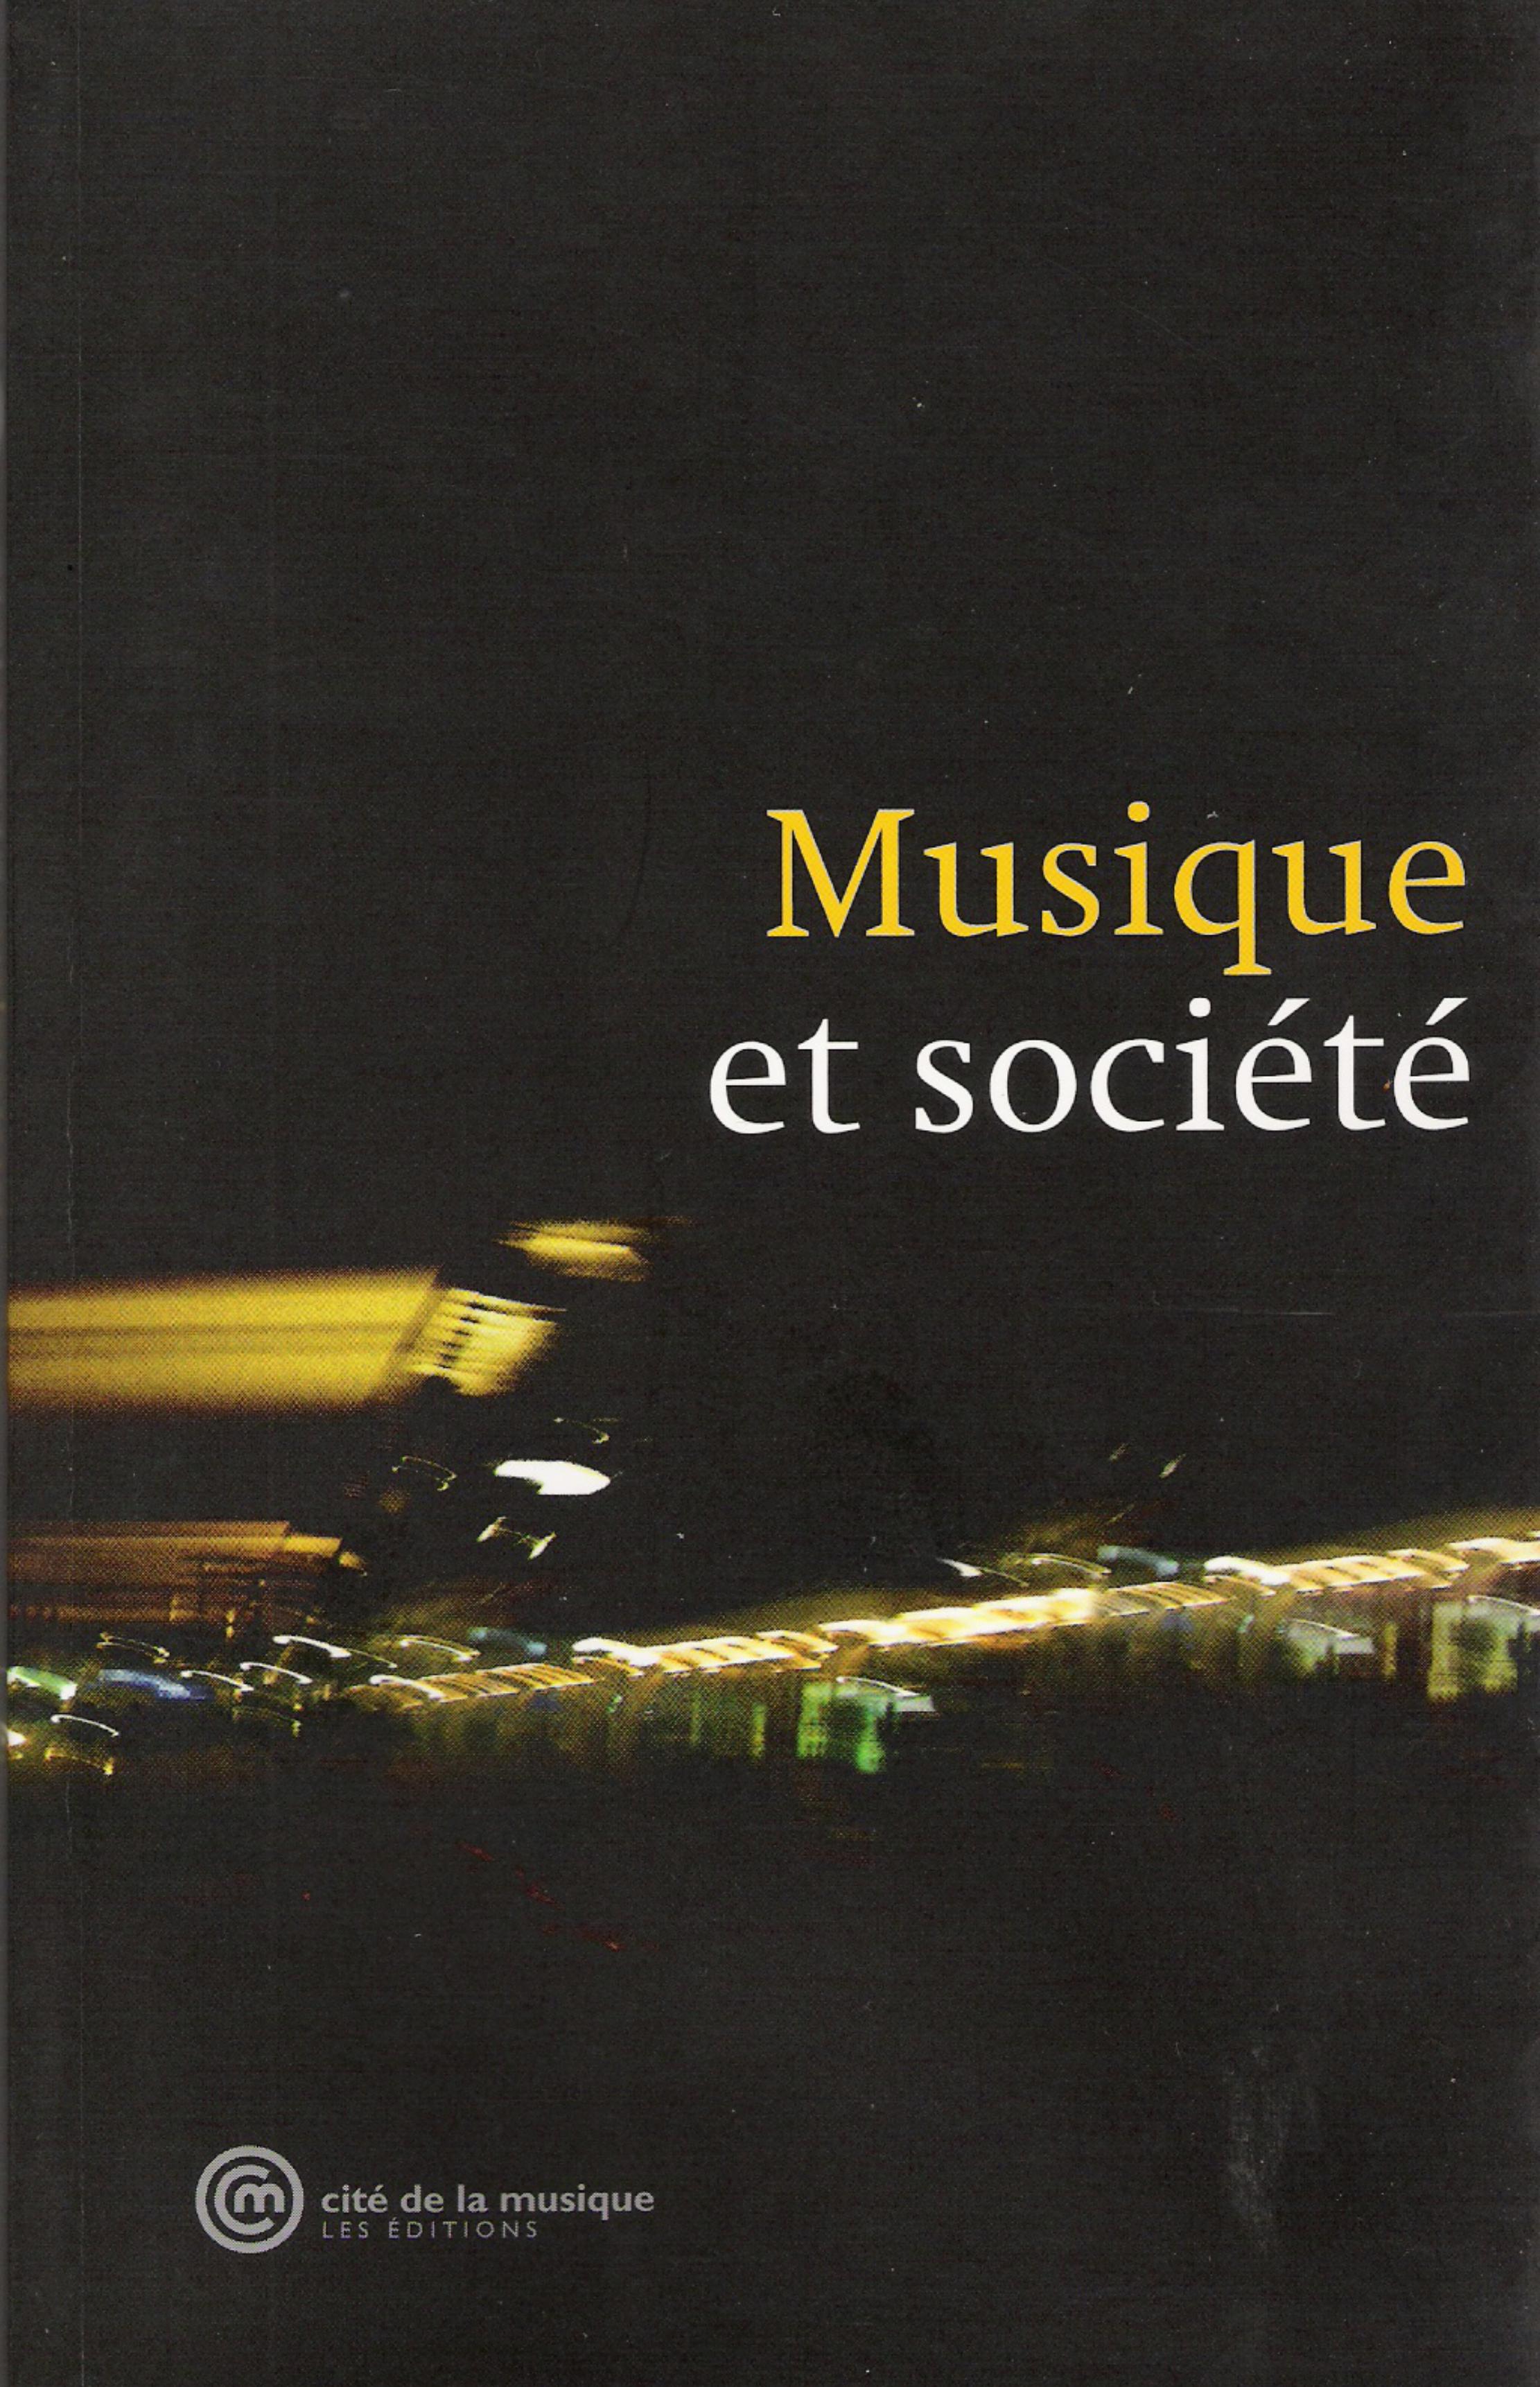 Musique&Societe